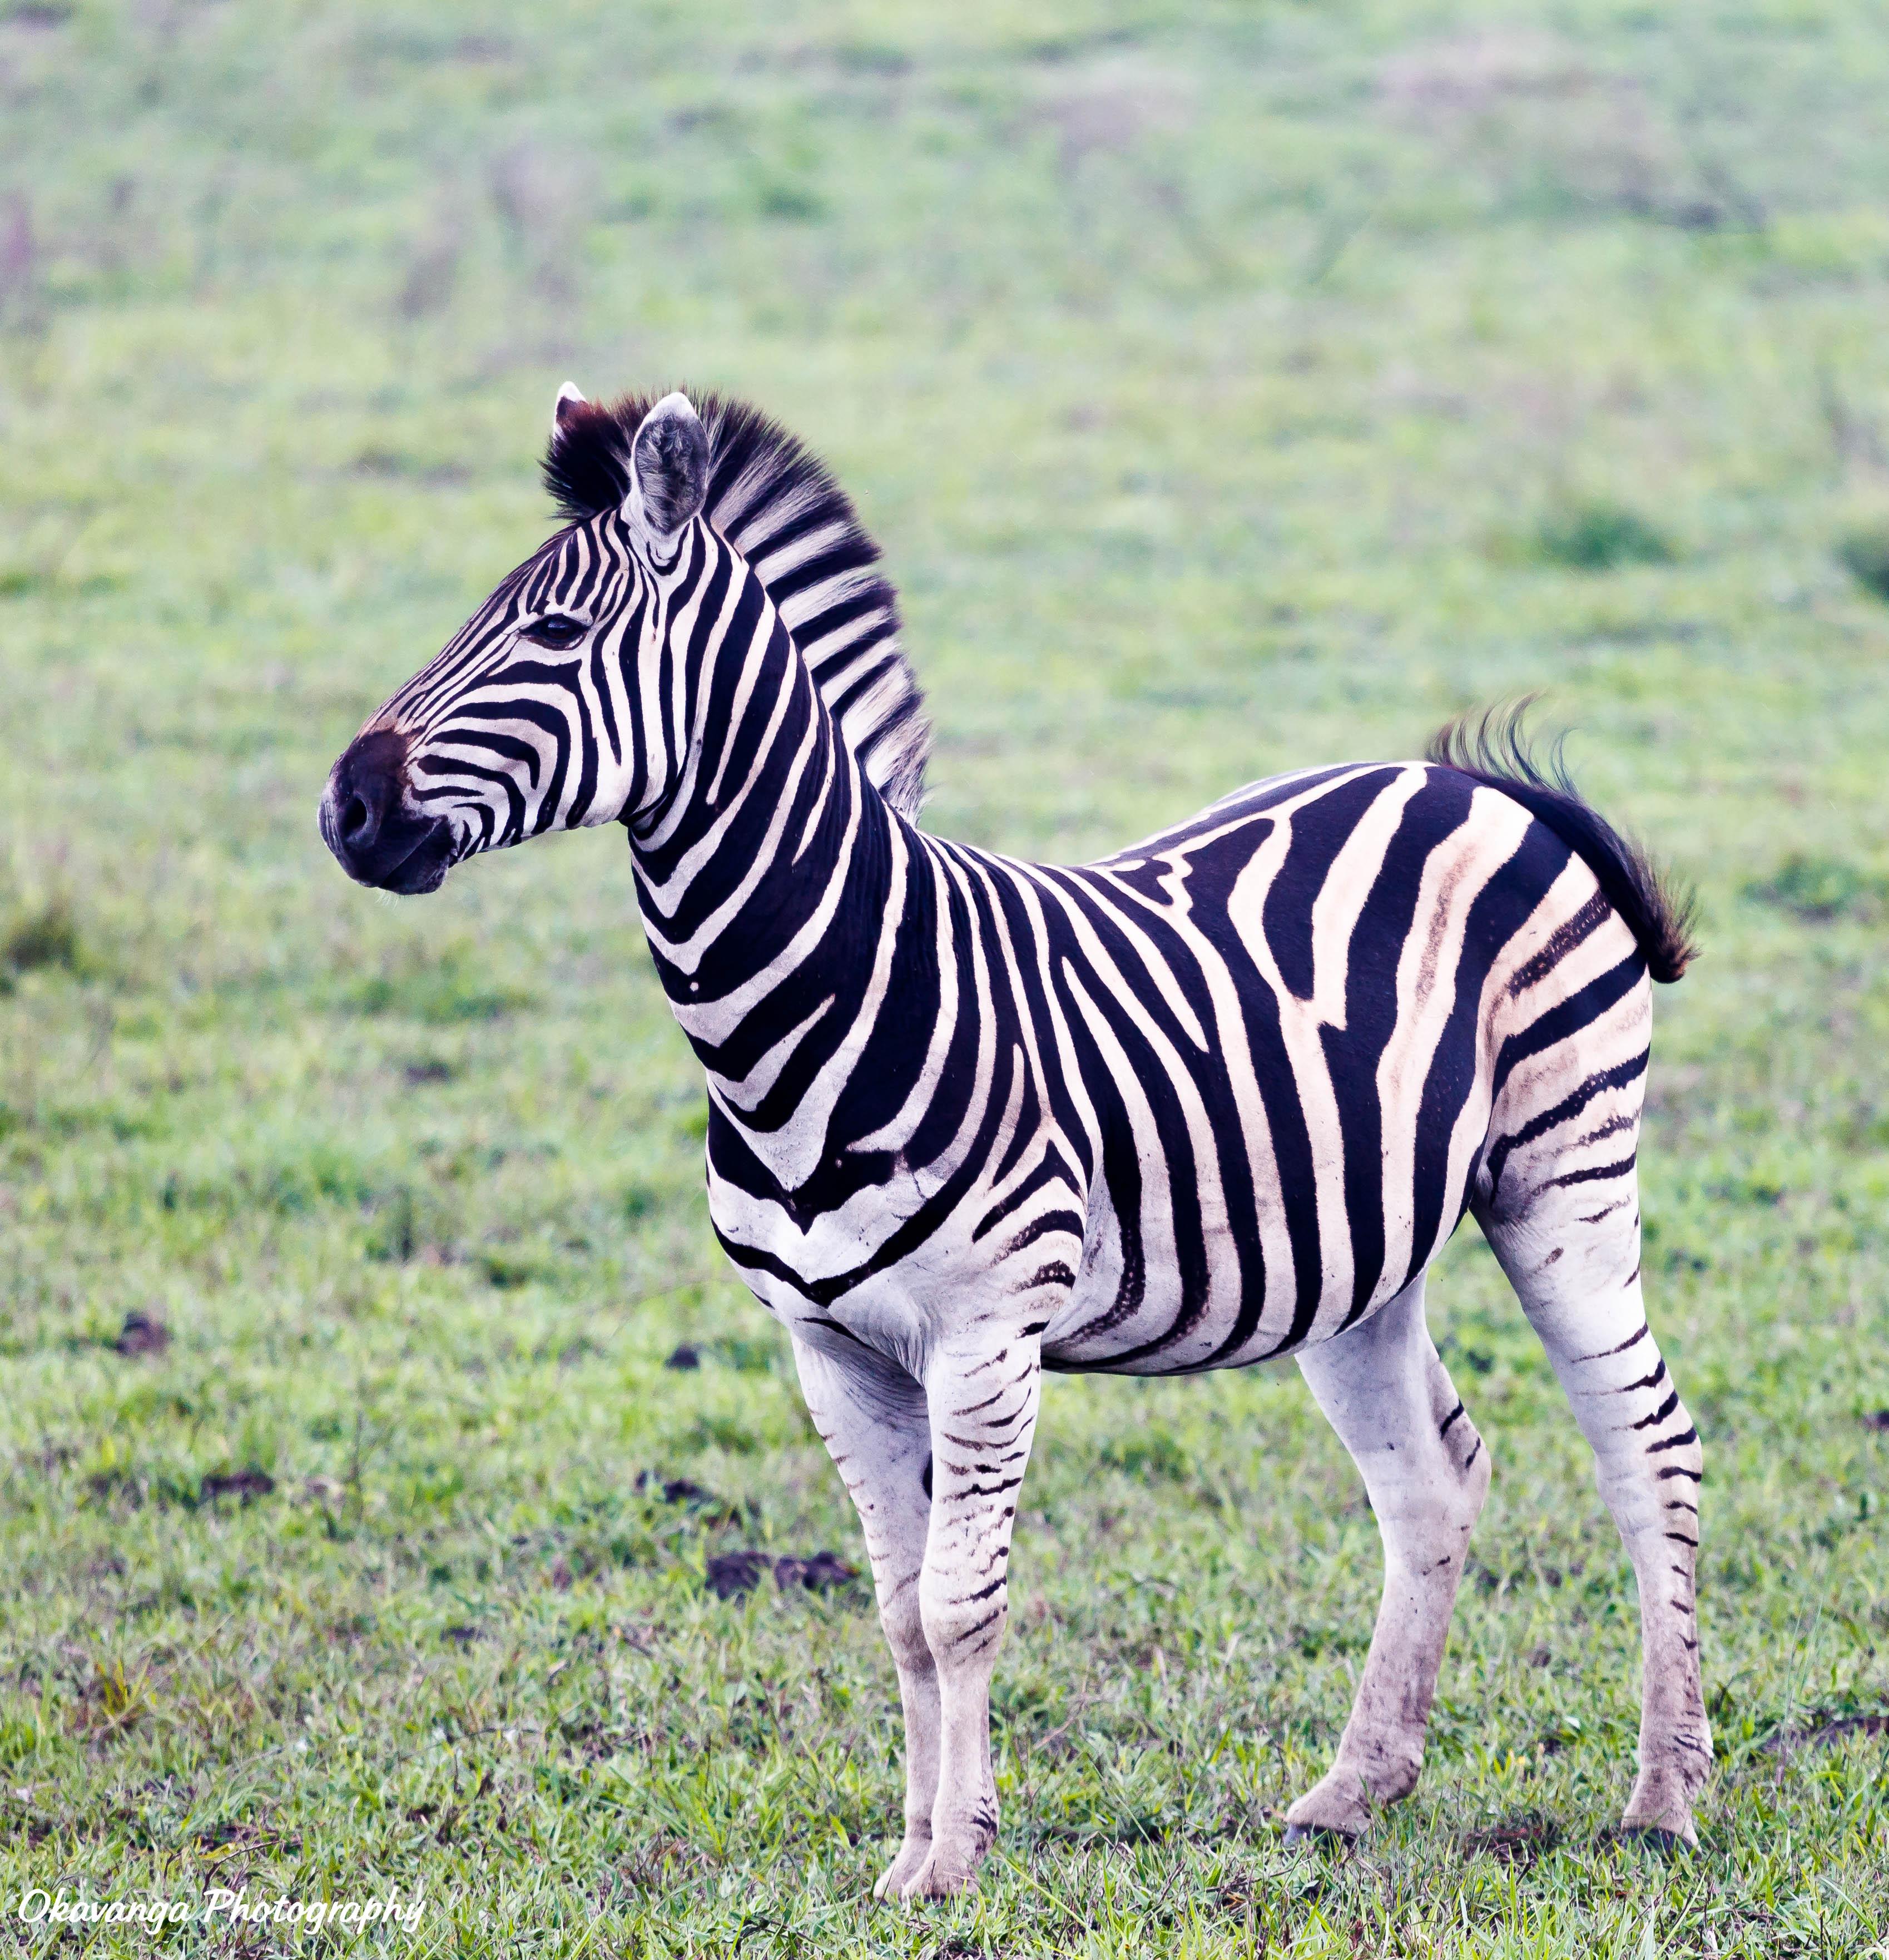 Young Zebra by Okavanga